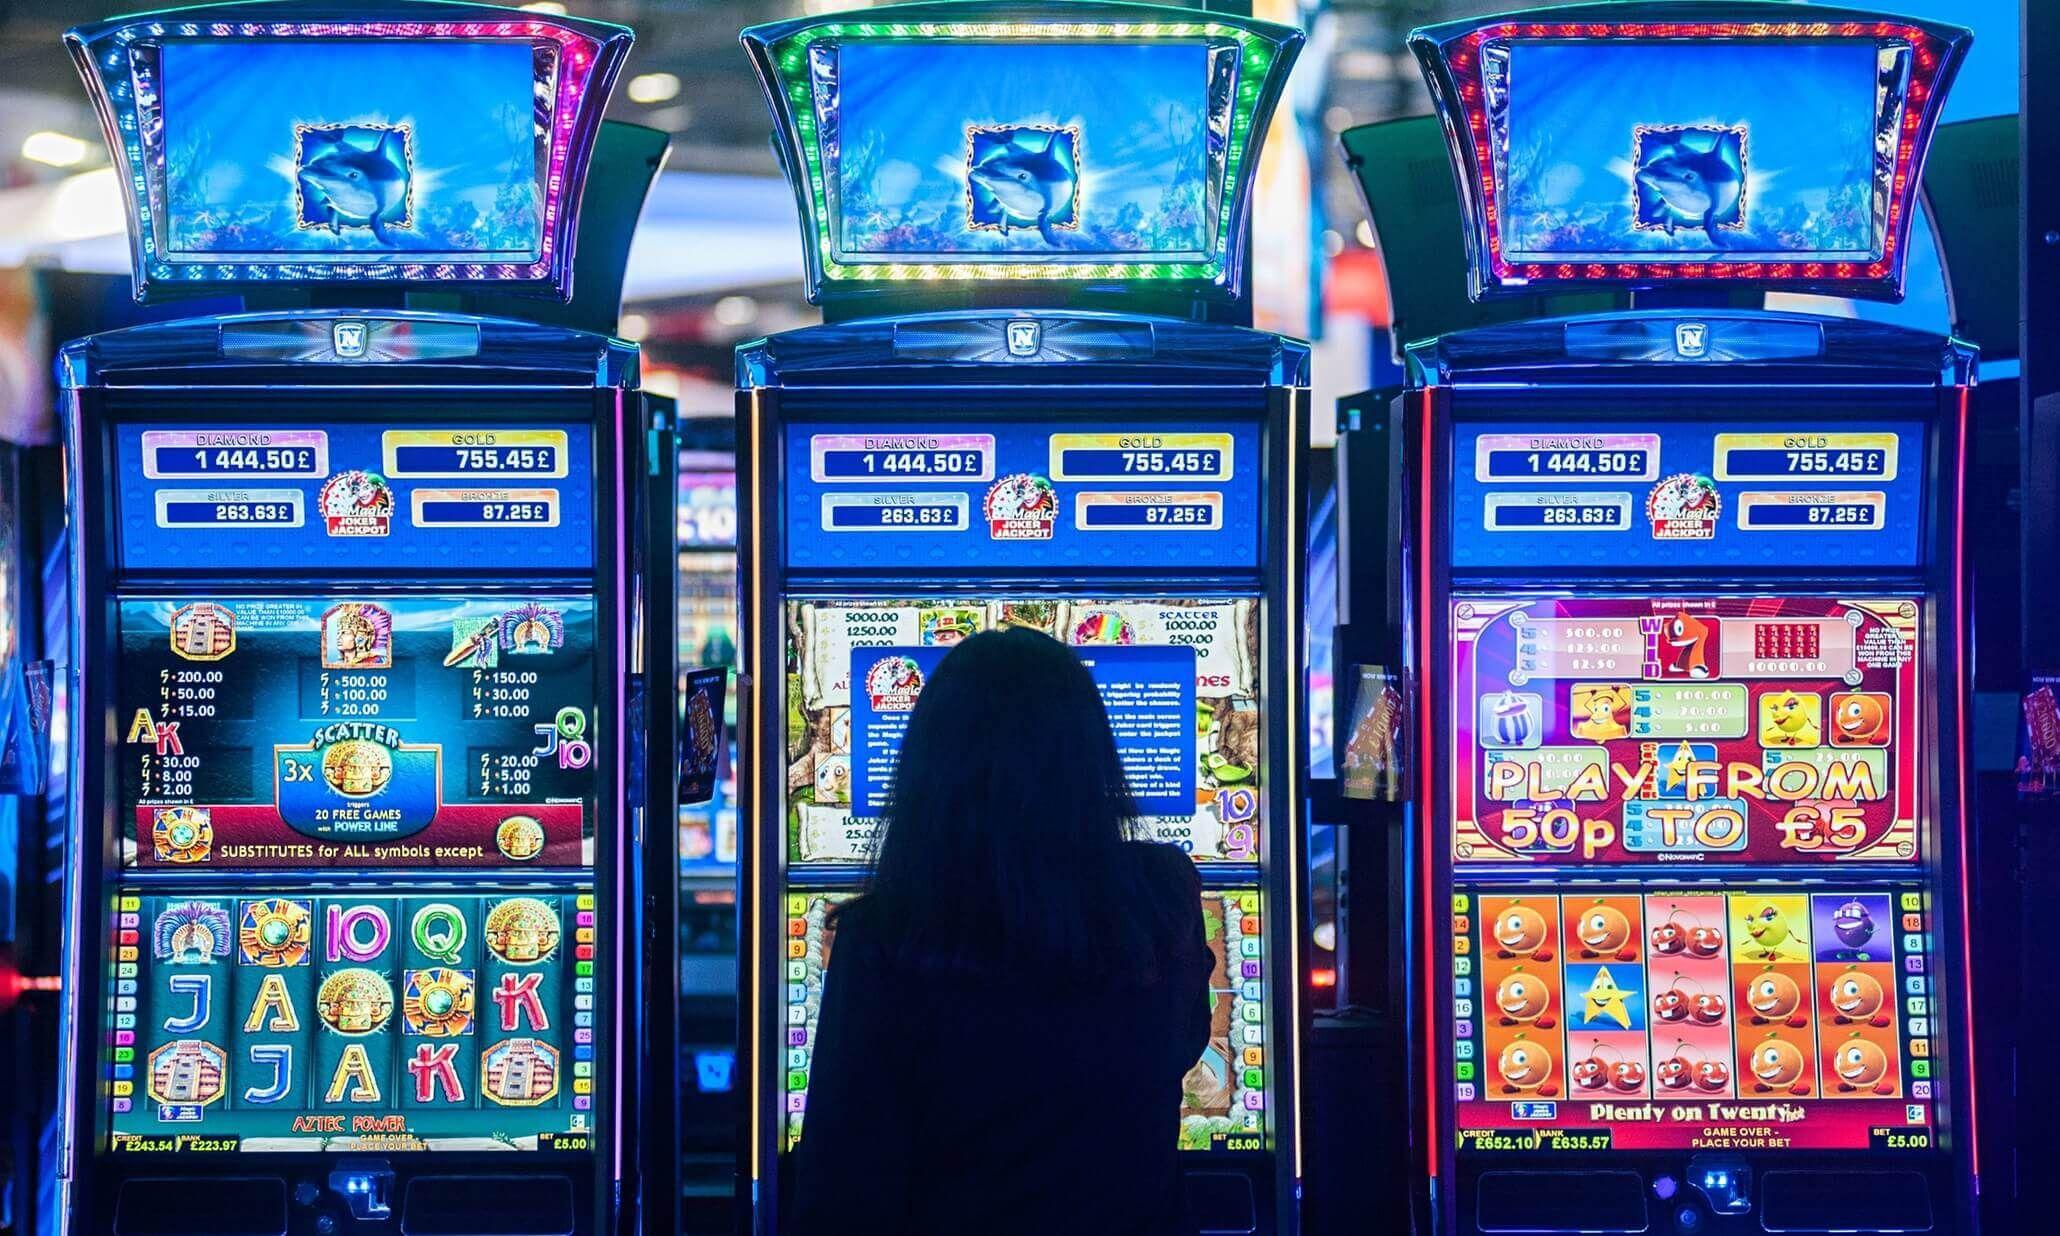 Wwwигровые.автоматы.ру австрия онлайн казино